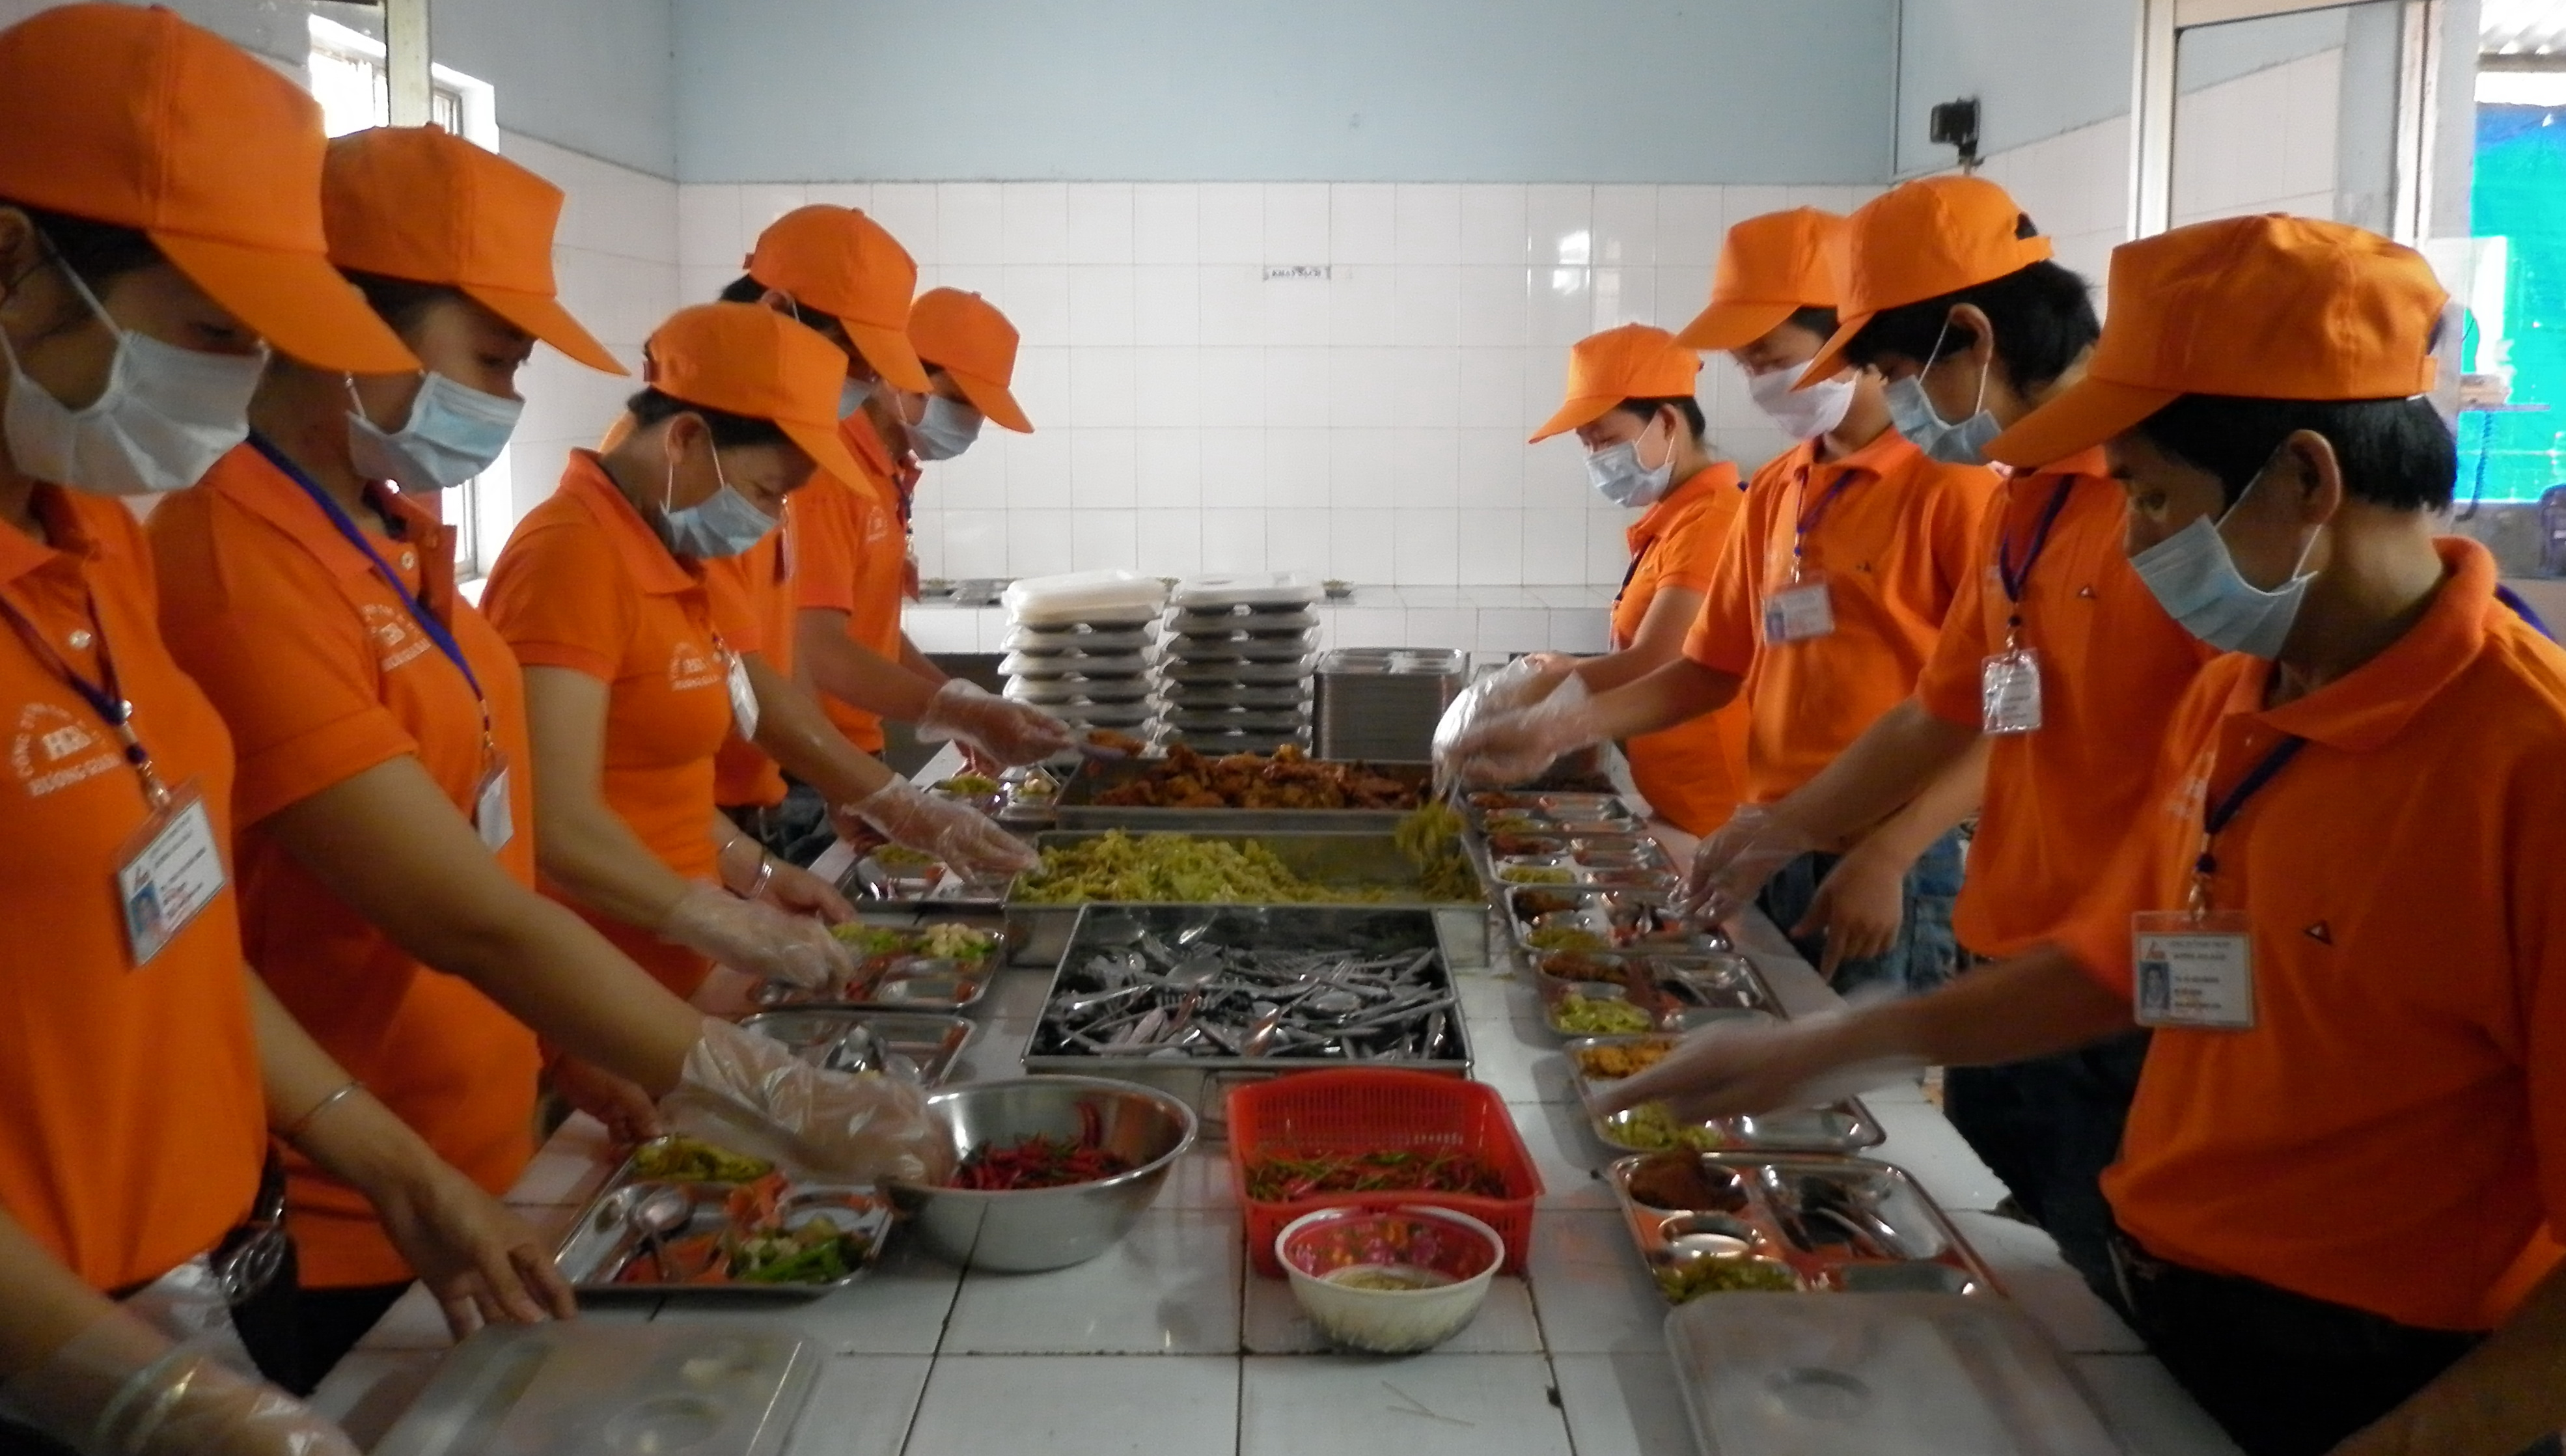 Dịch vụ xin giấy phép vệ sinh an toàn thực phẩm nhanh chóng – uy tín